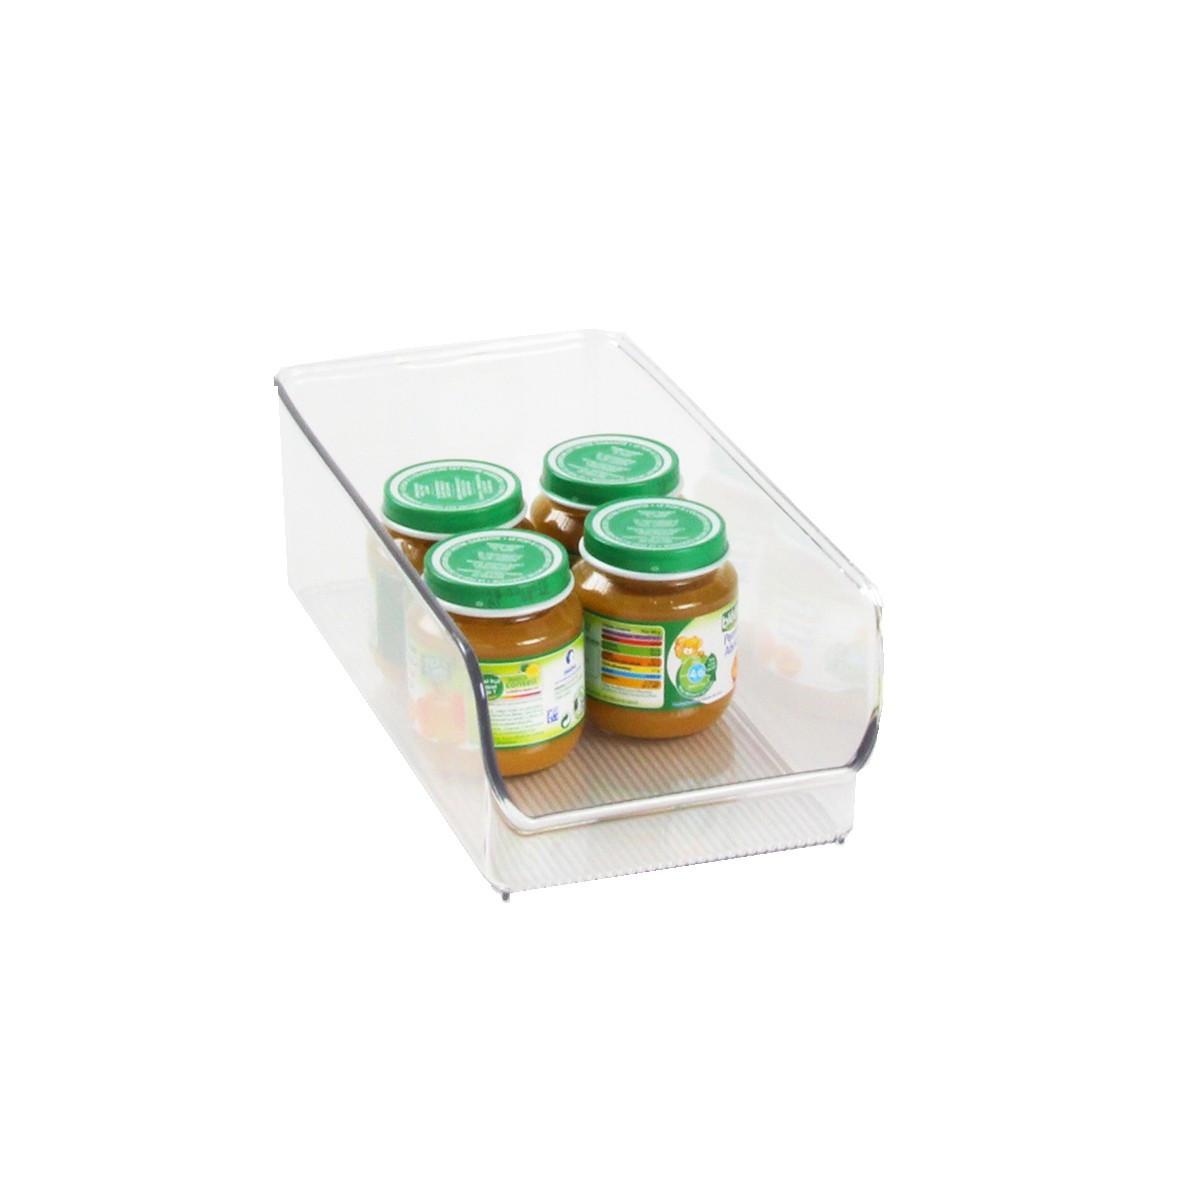 organisateur placard rangement aliments. Black Bedroom Furniture Sets. Home Design Ideas